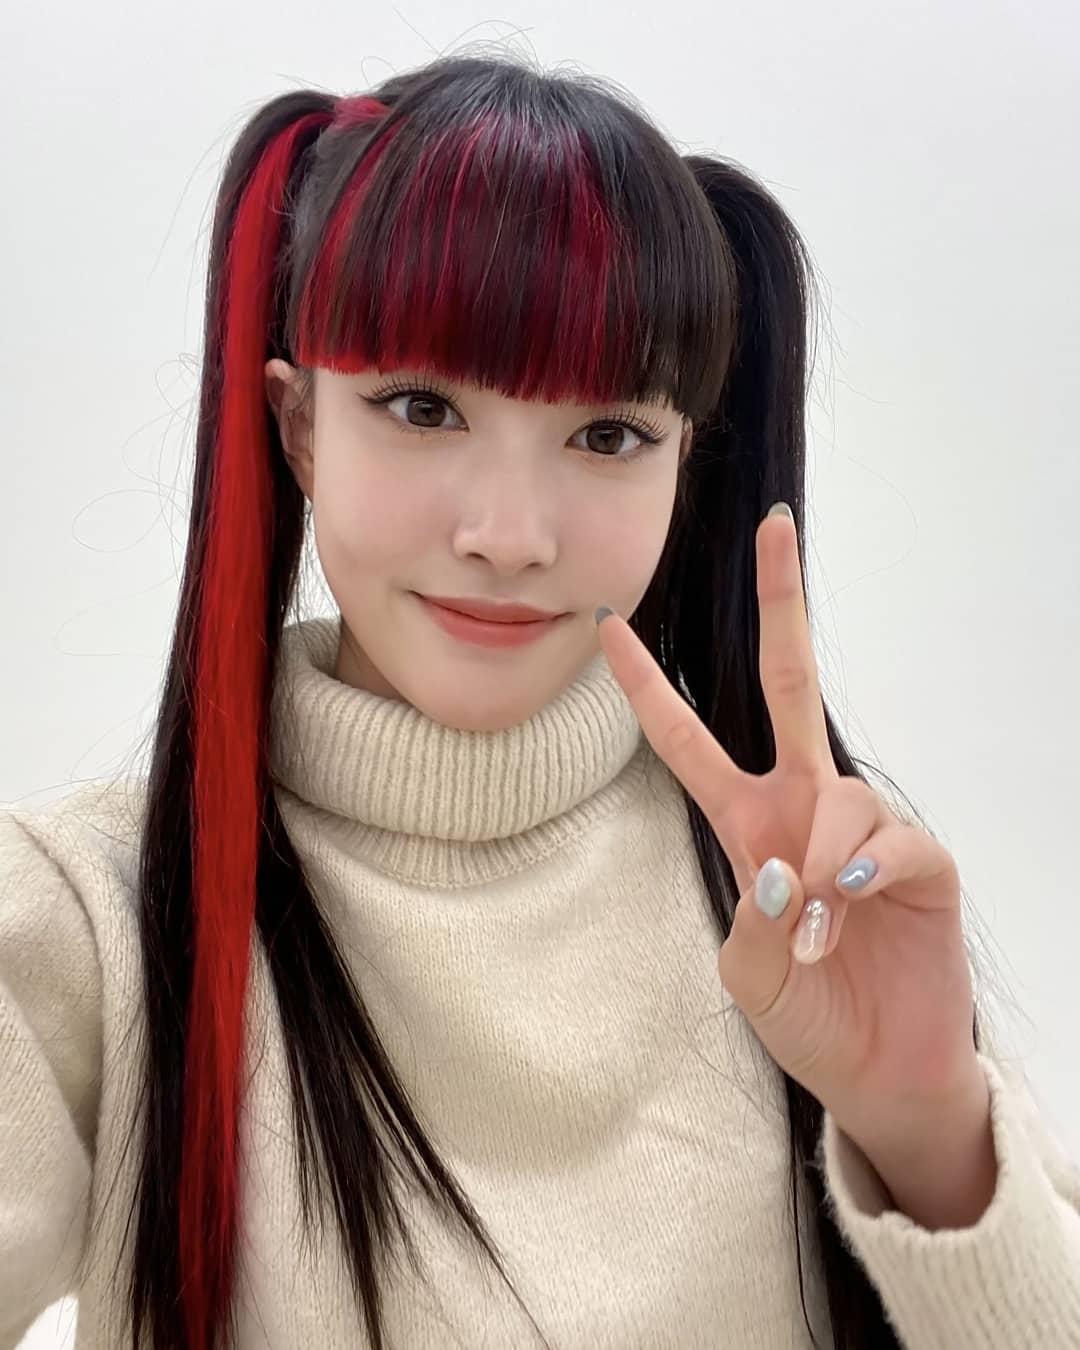 Phong cách của nữ idol trên sân khấu gắn liền với muôn vàn kiểu highlight, khi kẹp đan xen, khi kẹp nửa, tuy nhiên đều theo tiêu chí càng chóe càng tốt.